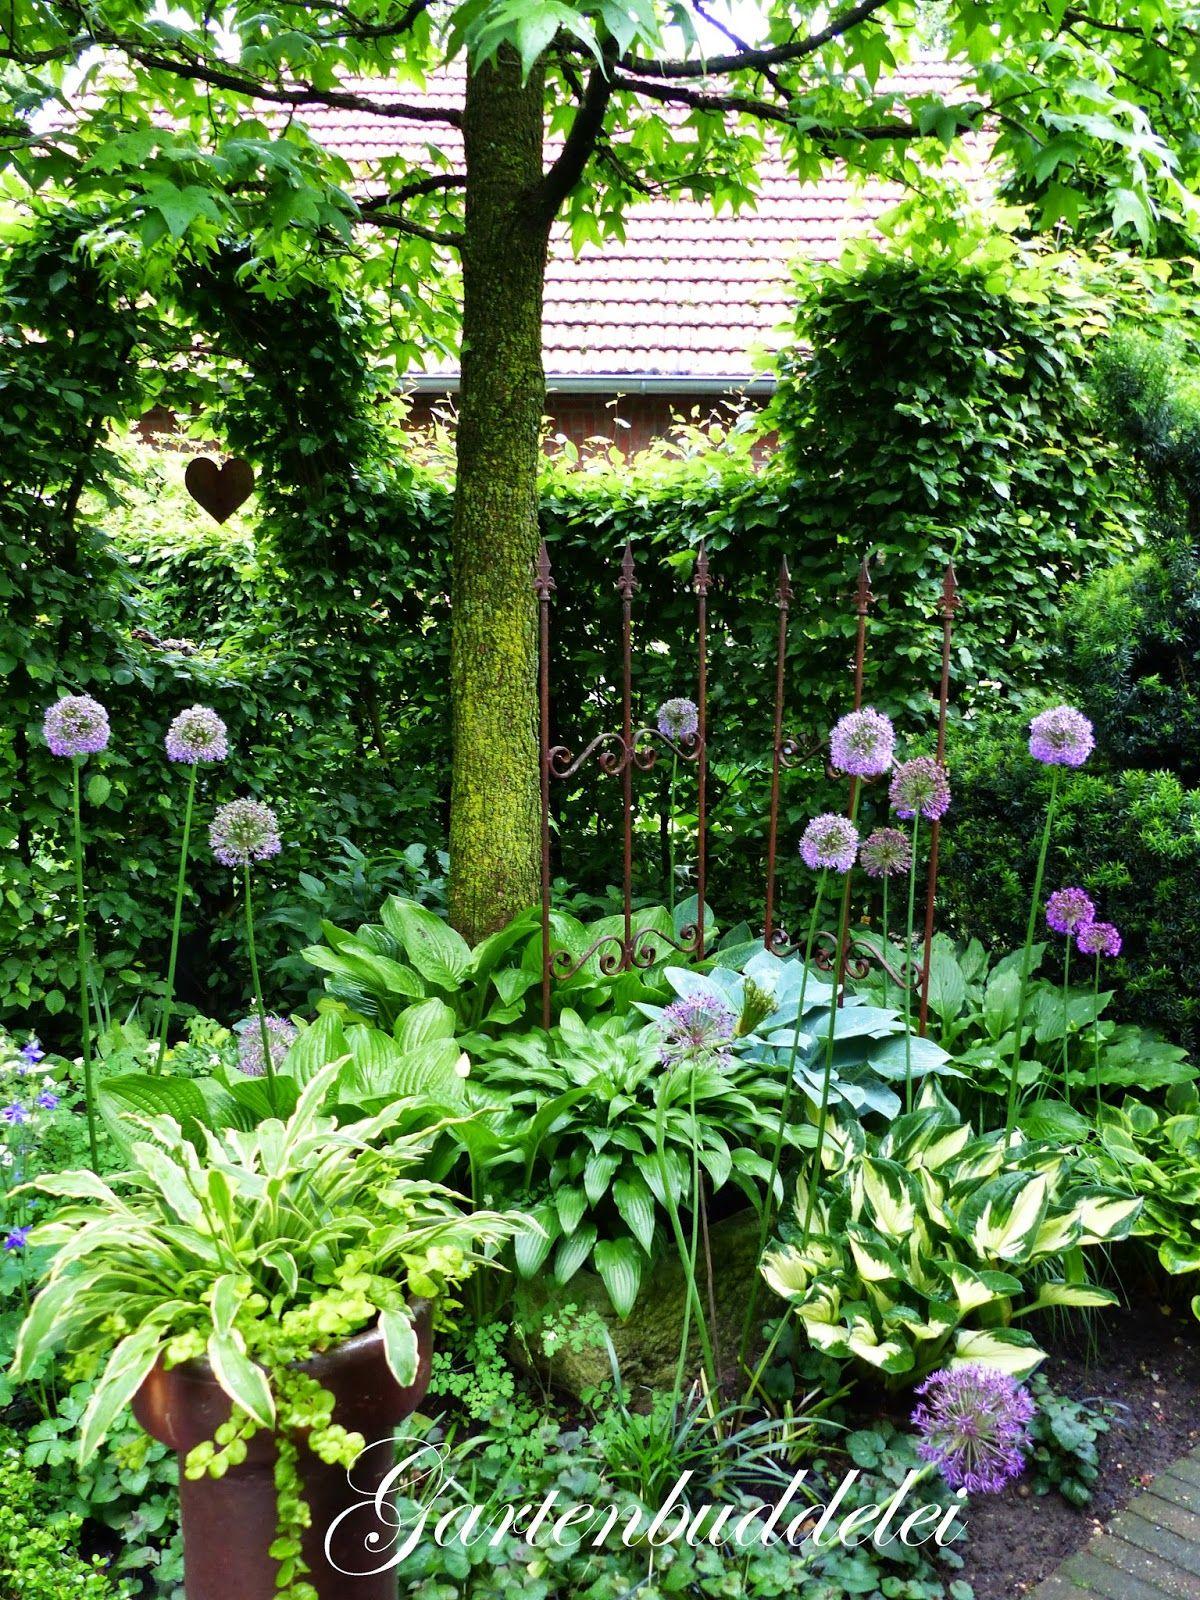 Gartenbuddelei 10jahriges Jubilaum Im Garten Picker Garten Garten Anlegen Gartenbuddelei